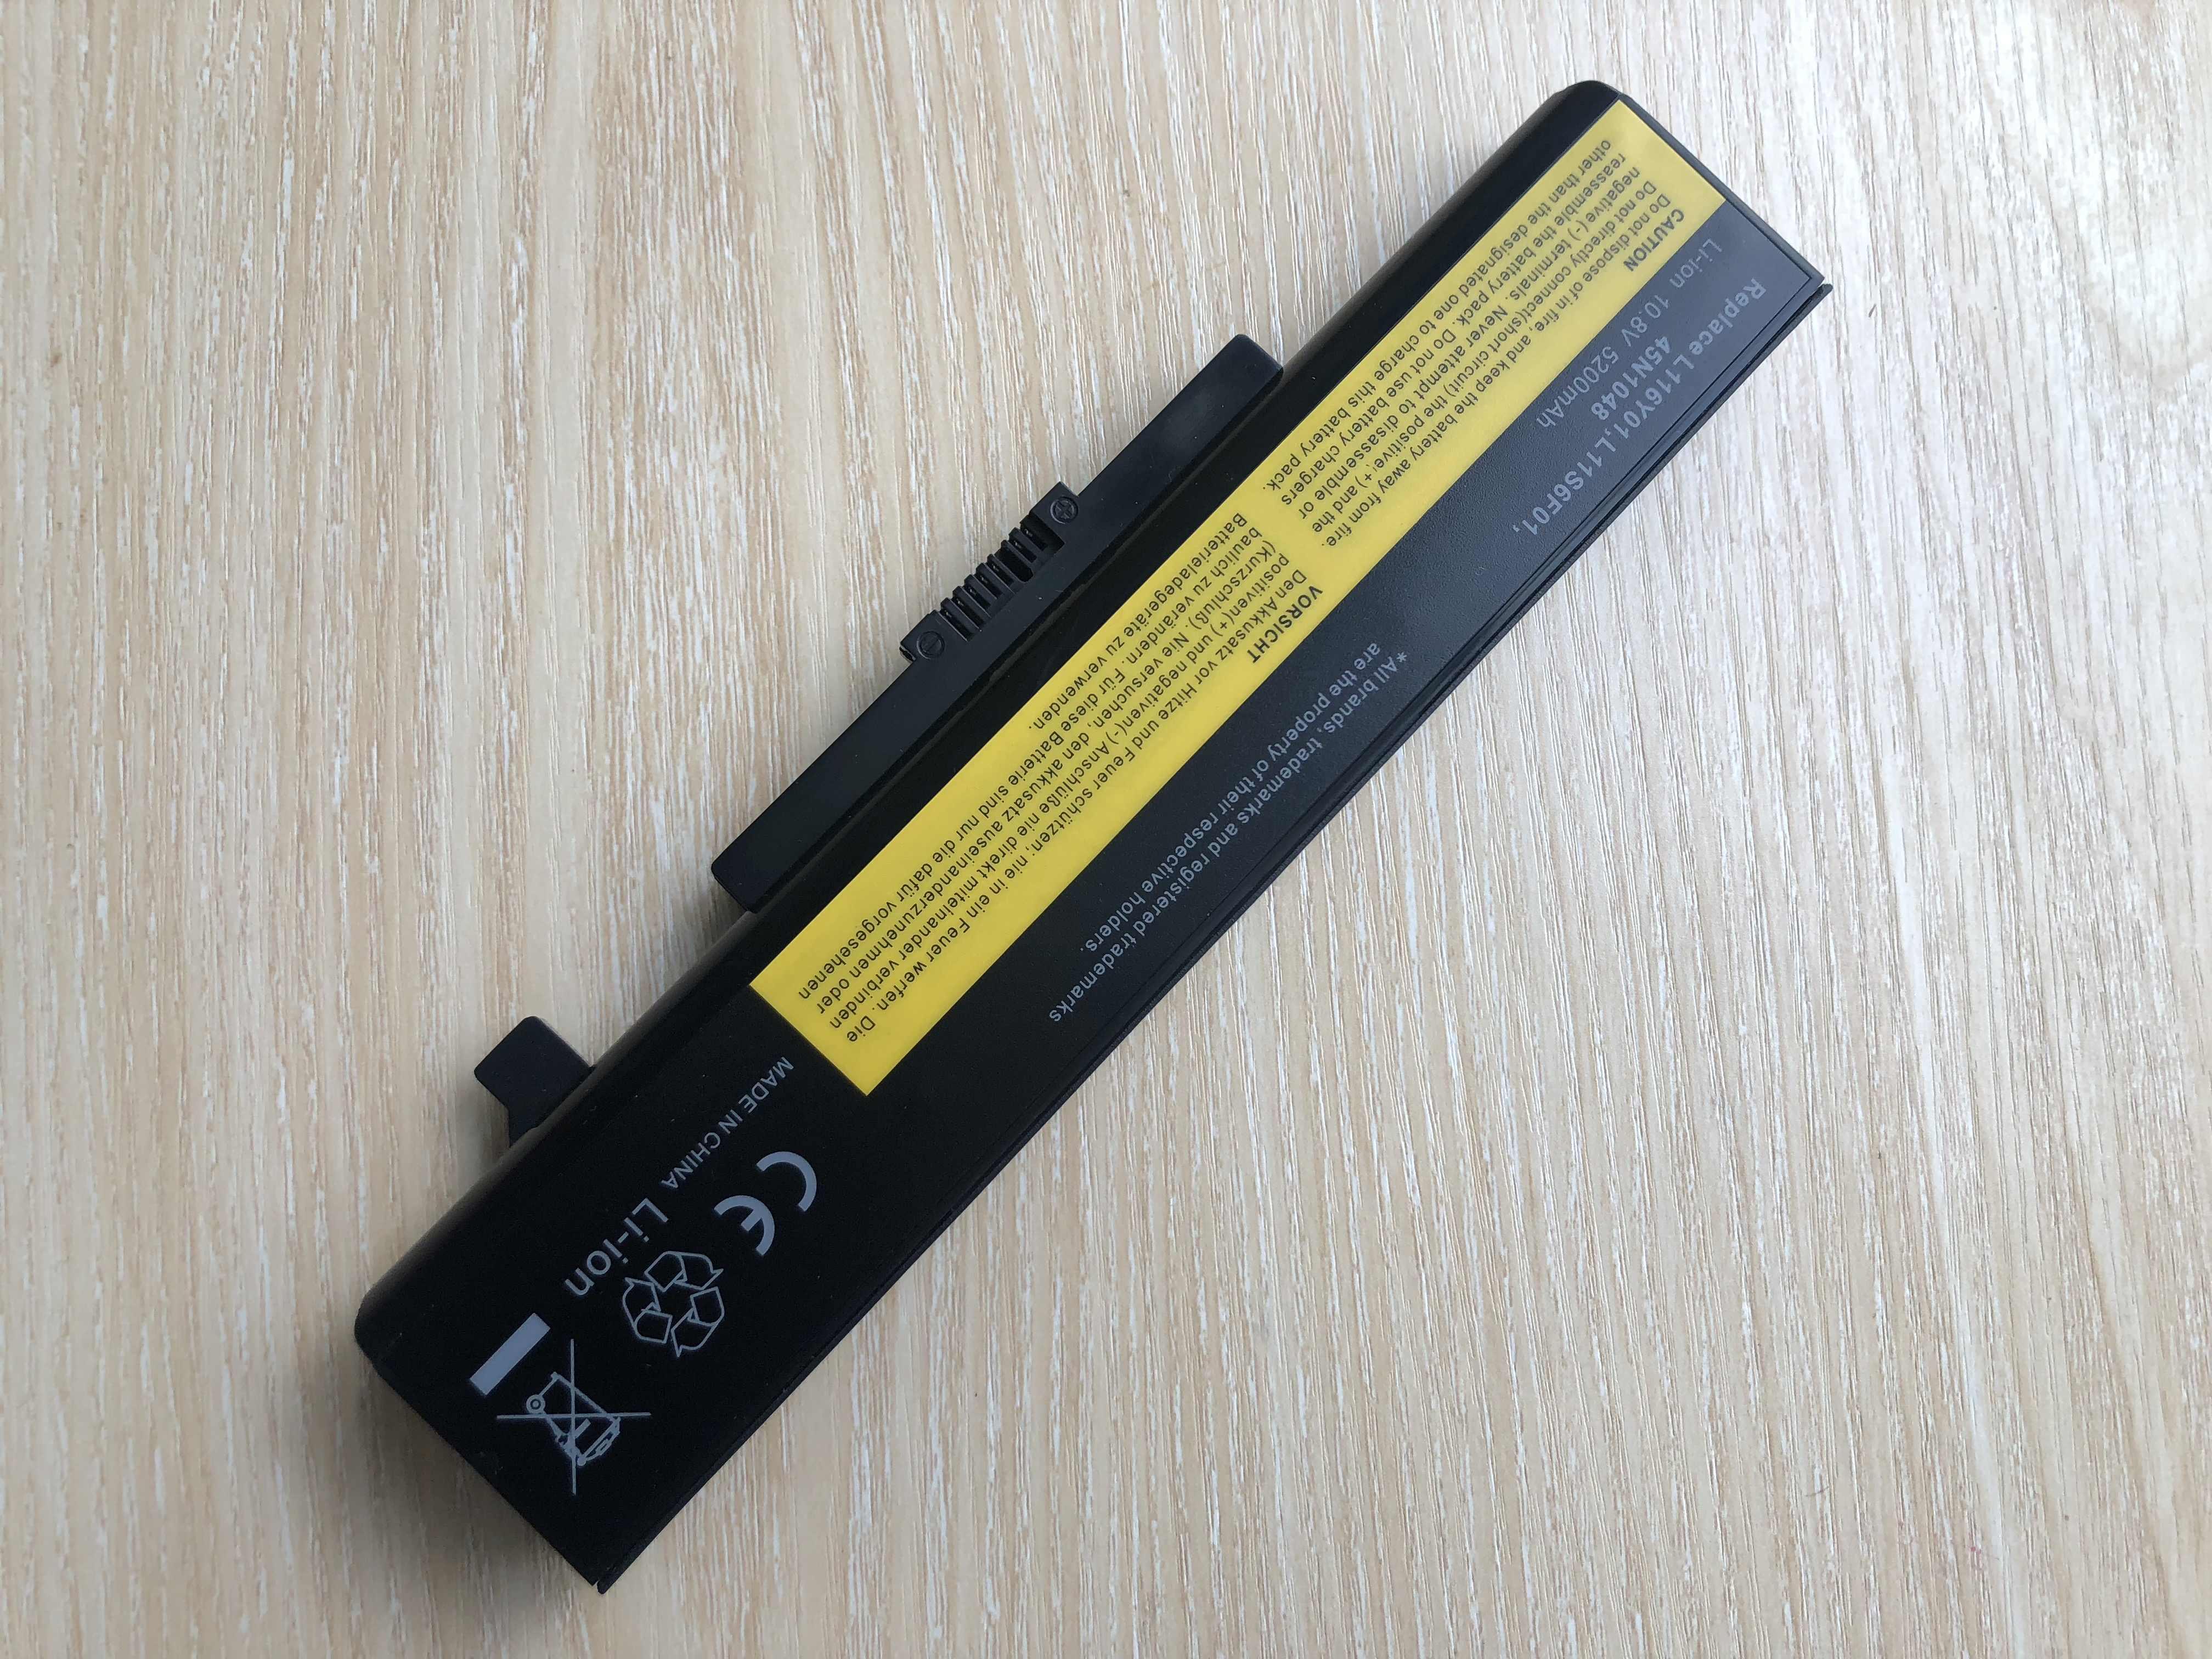 بطارية كمبيوتر محمول لينوفو Y580 Y480 G510 G580 G710 G480 Z480 Z580 Z585 L11M6Y01 L11L6Y01 L11L6F01 L11L6R01 L11N6R01